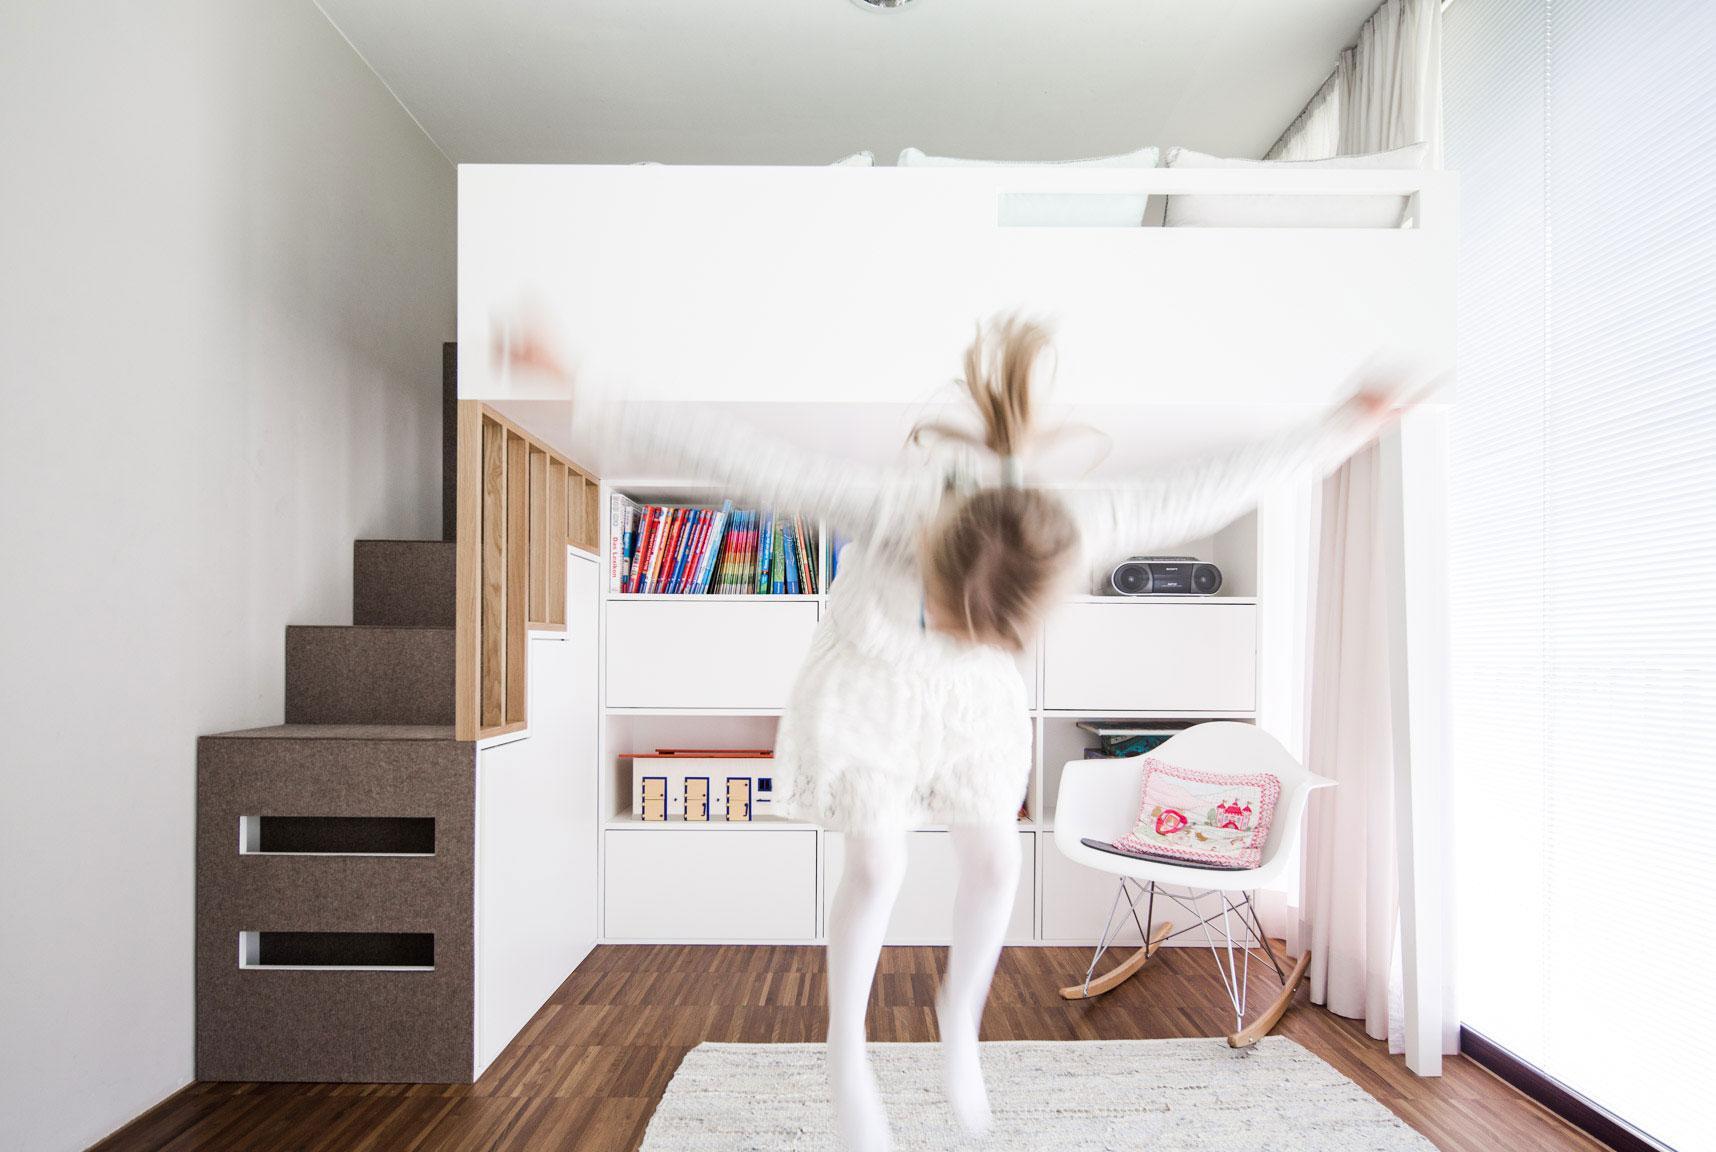 Kinderhochbett design  Hochbett • Bilder & Ideen • COUCHstyle